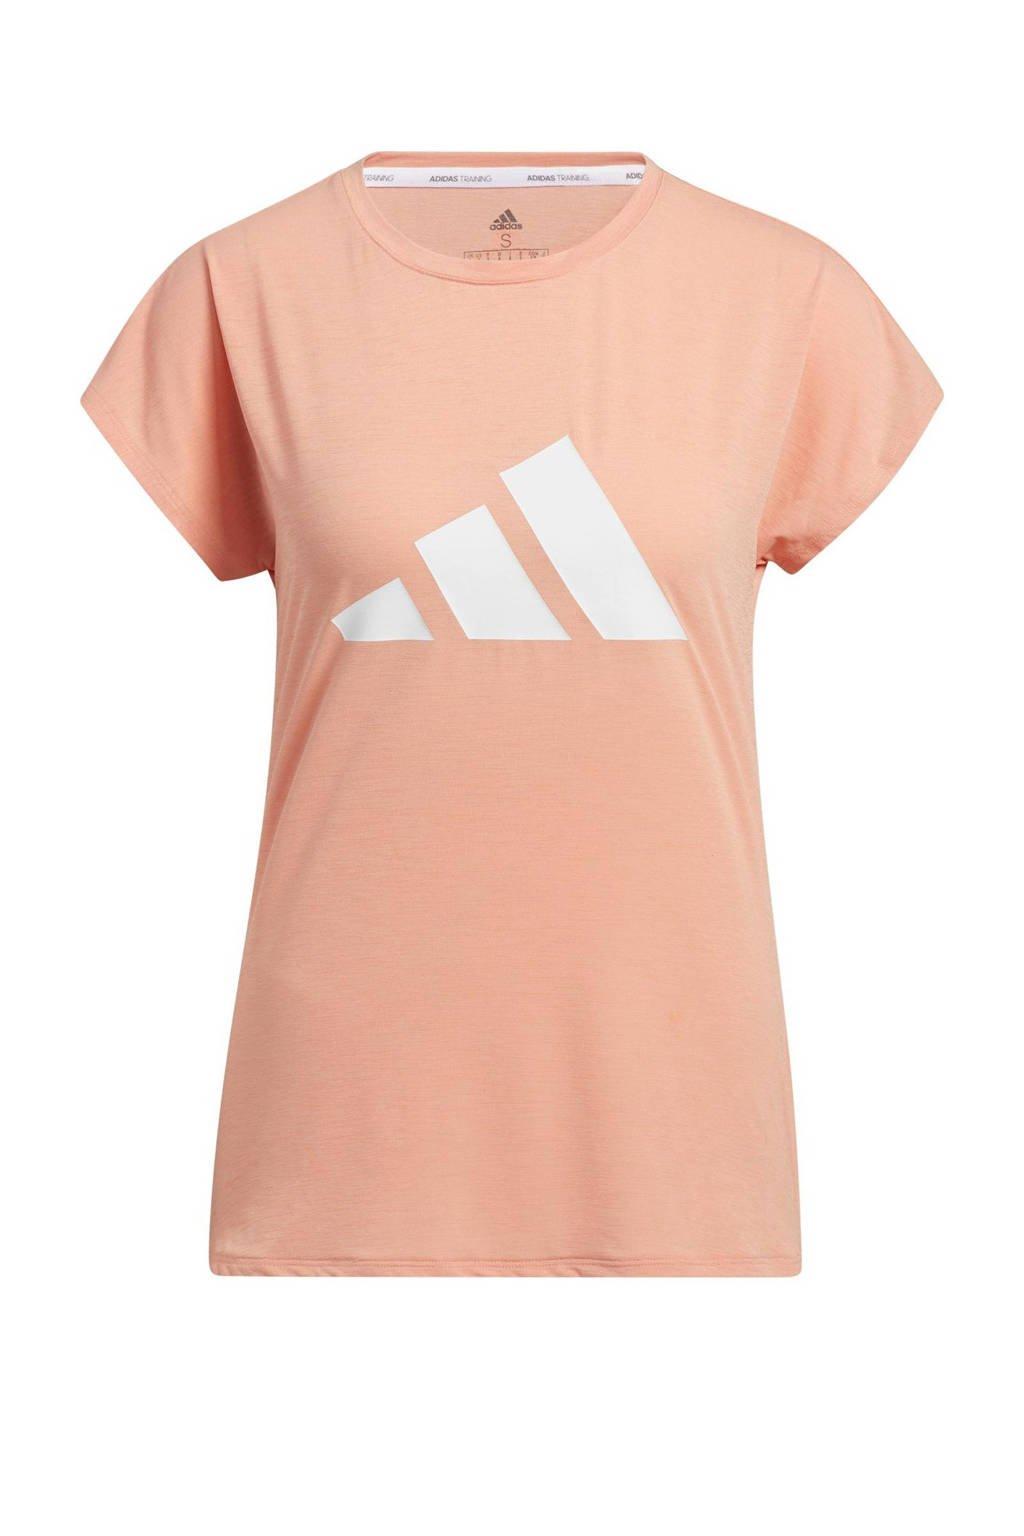 adidas Performance sport T-shirt lichtroze/wit, Lichtroze/wit